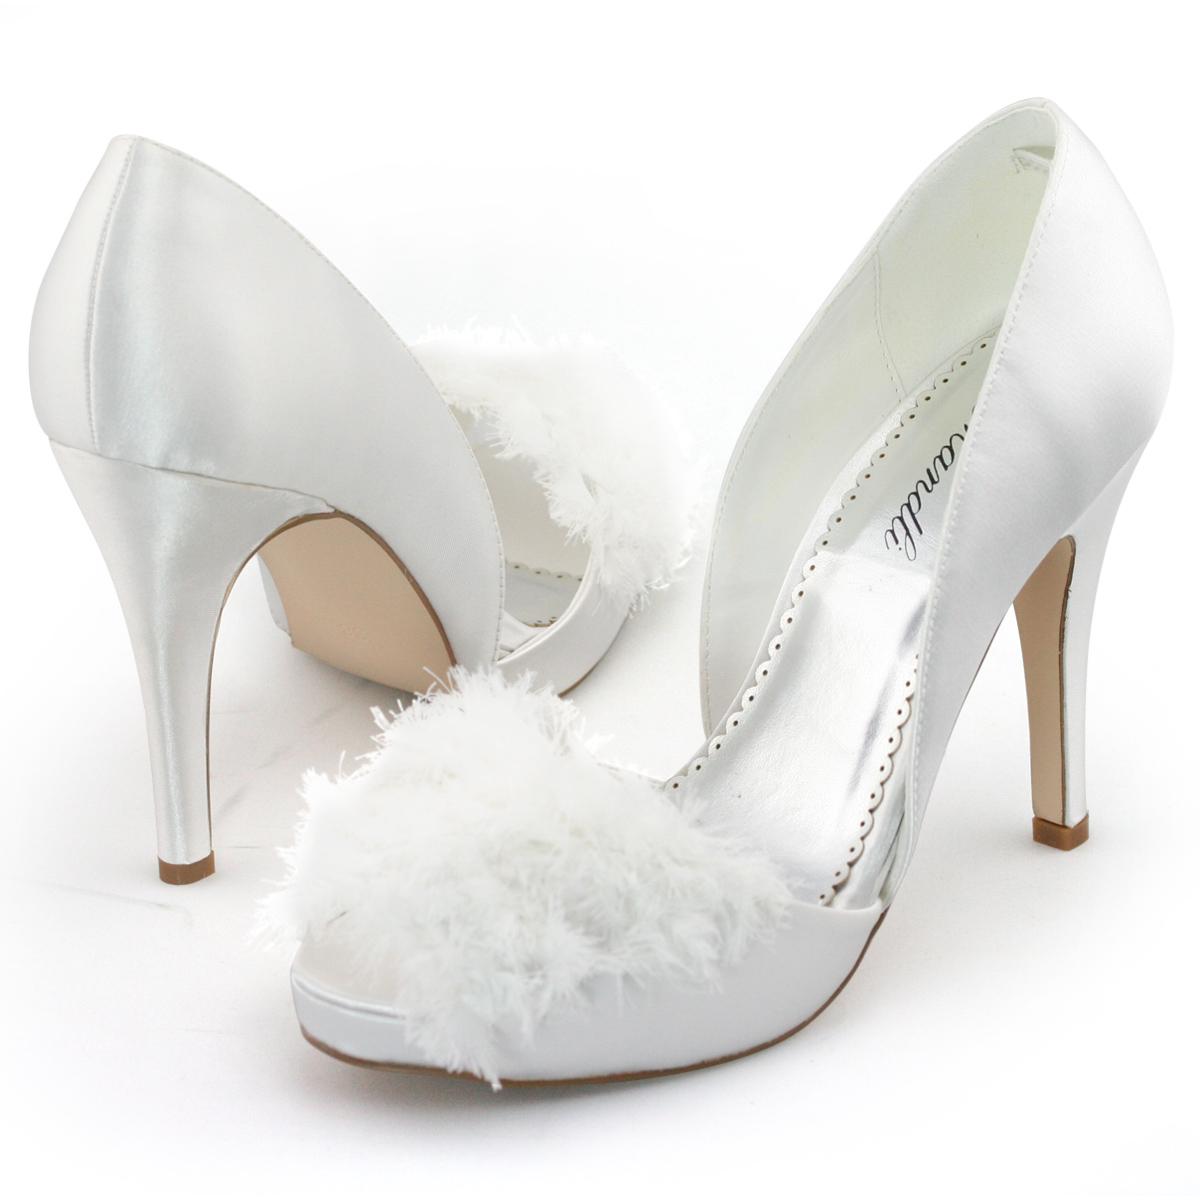 SHOEZY Vintage Womens White Satin Feather Platform Pumps Wedding Dress Shoes